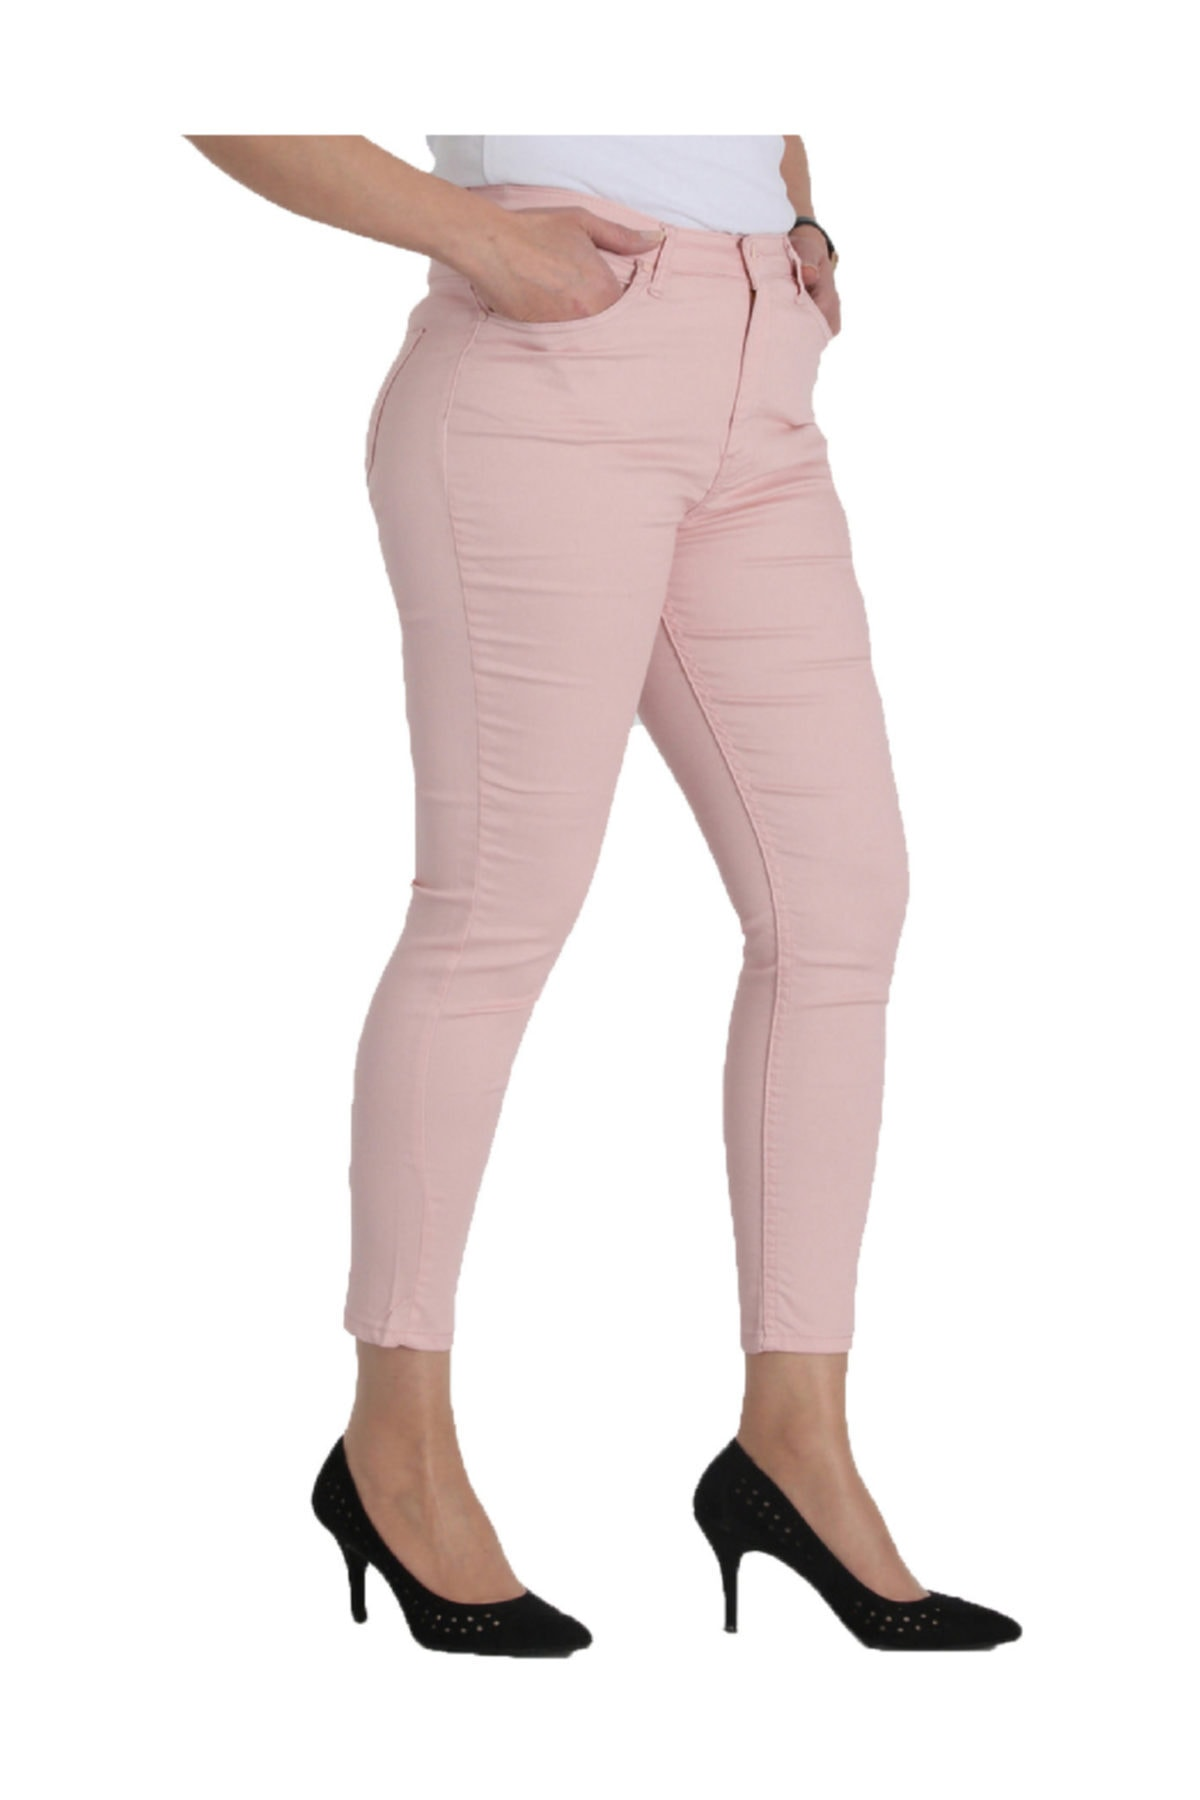 Günay Giyim Kadın Pudra Kanvas Normal Bel Dar Paça Pantolon Nvr4037 1